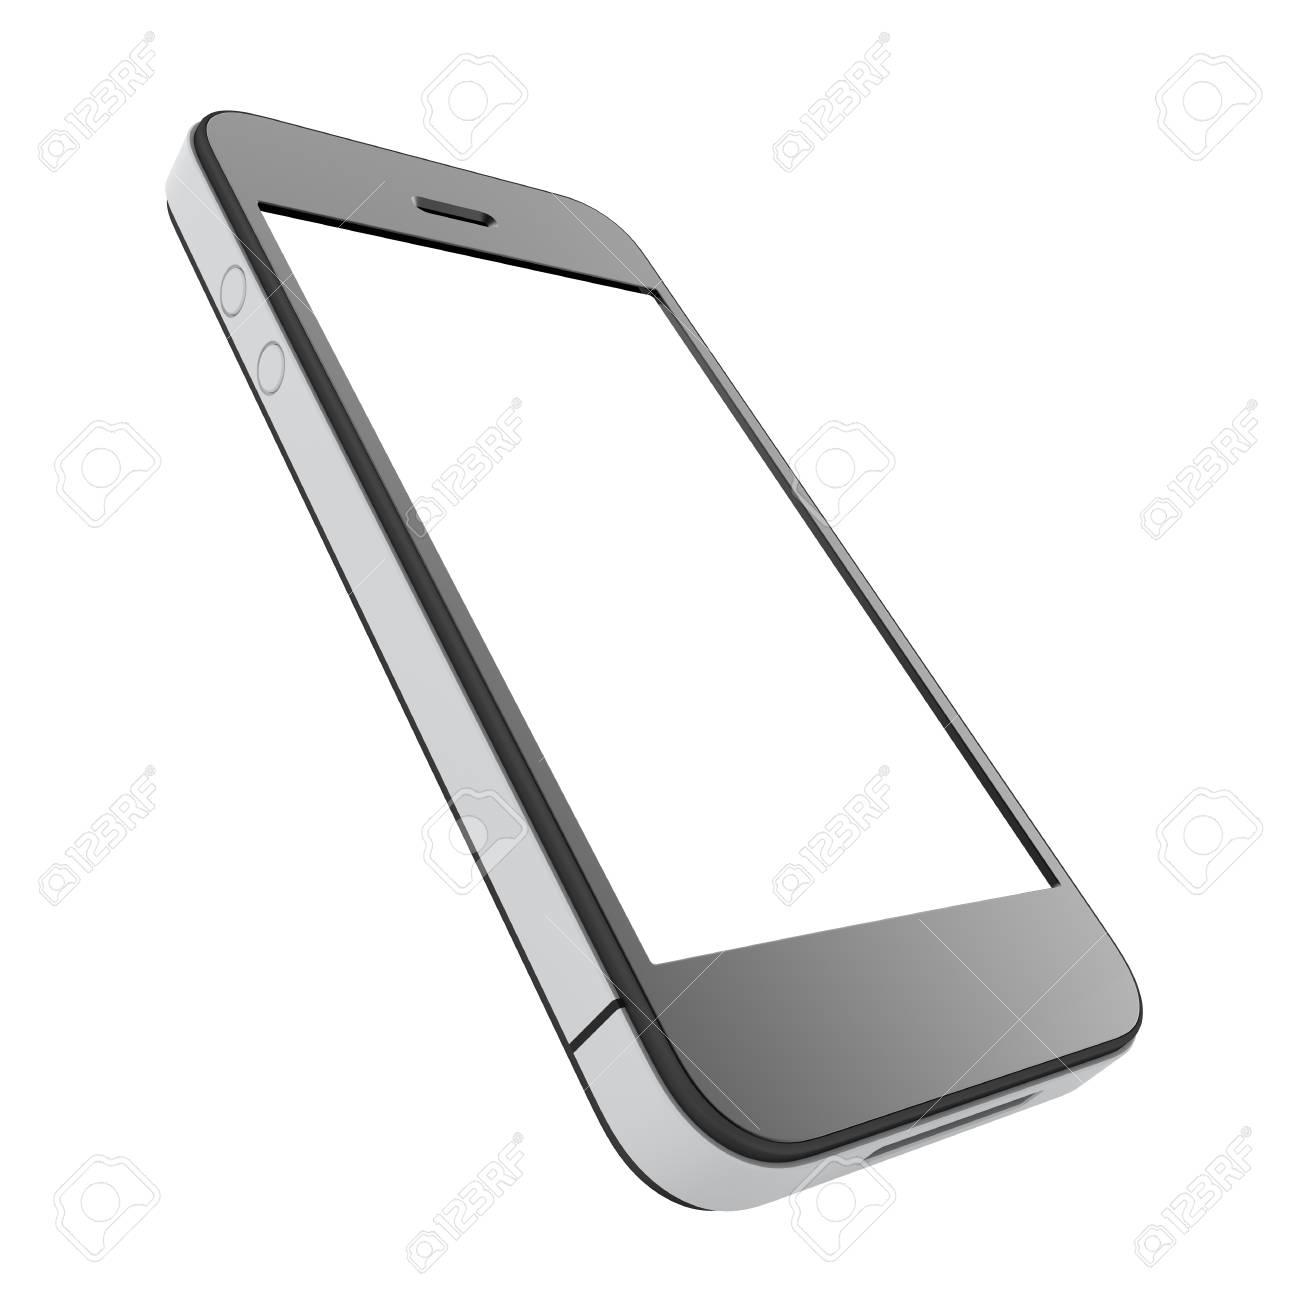 Immagini Stock Telefono Cellulare Con Schermo In Bianco Isolato Su